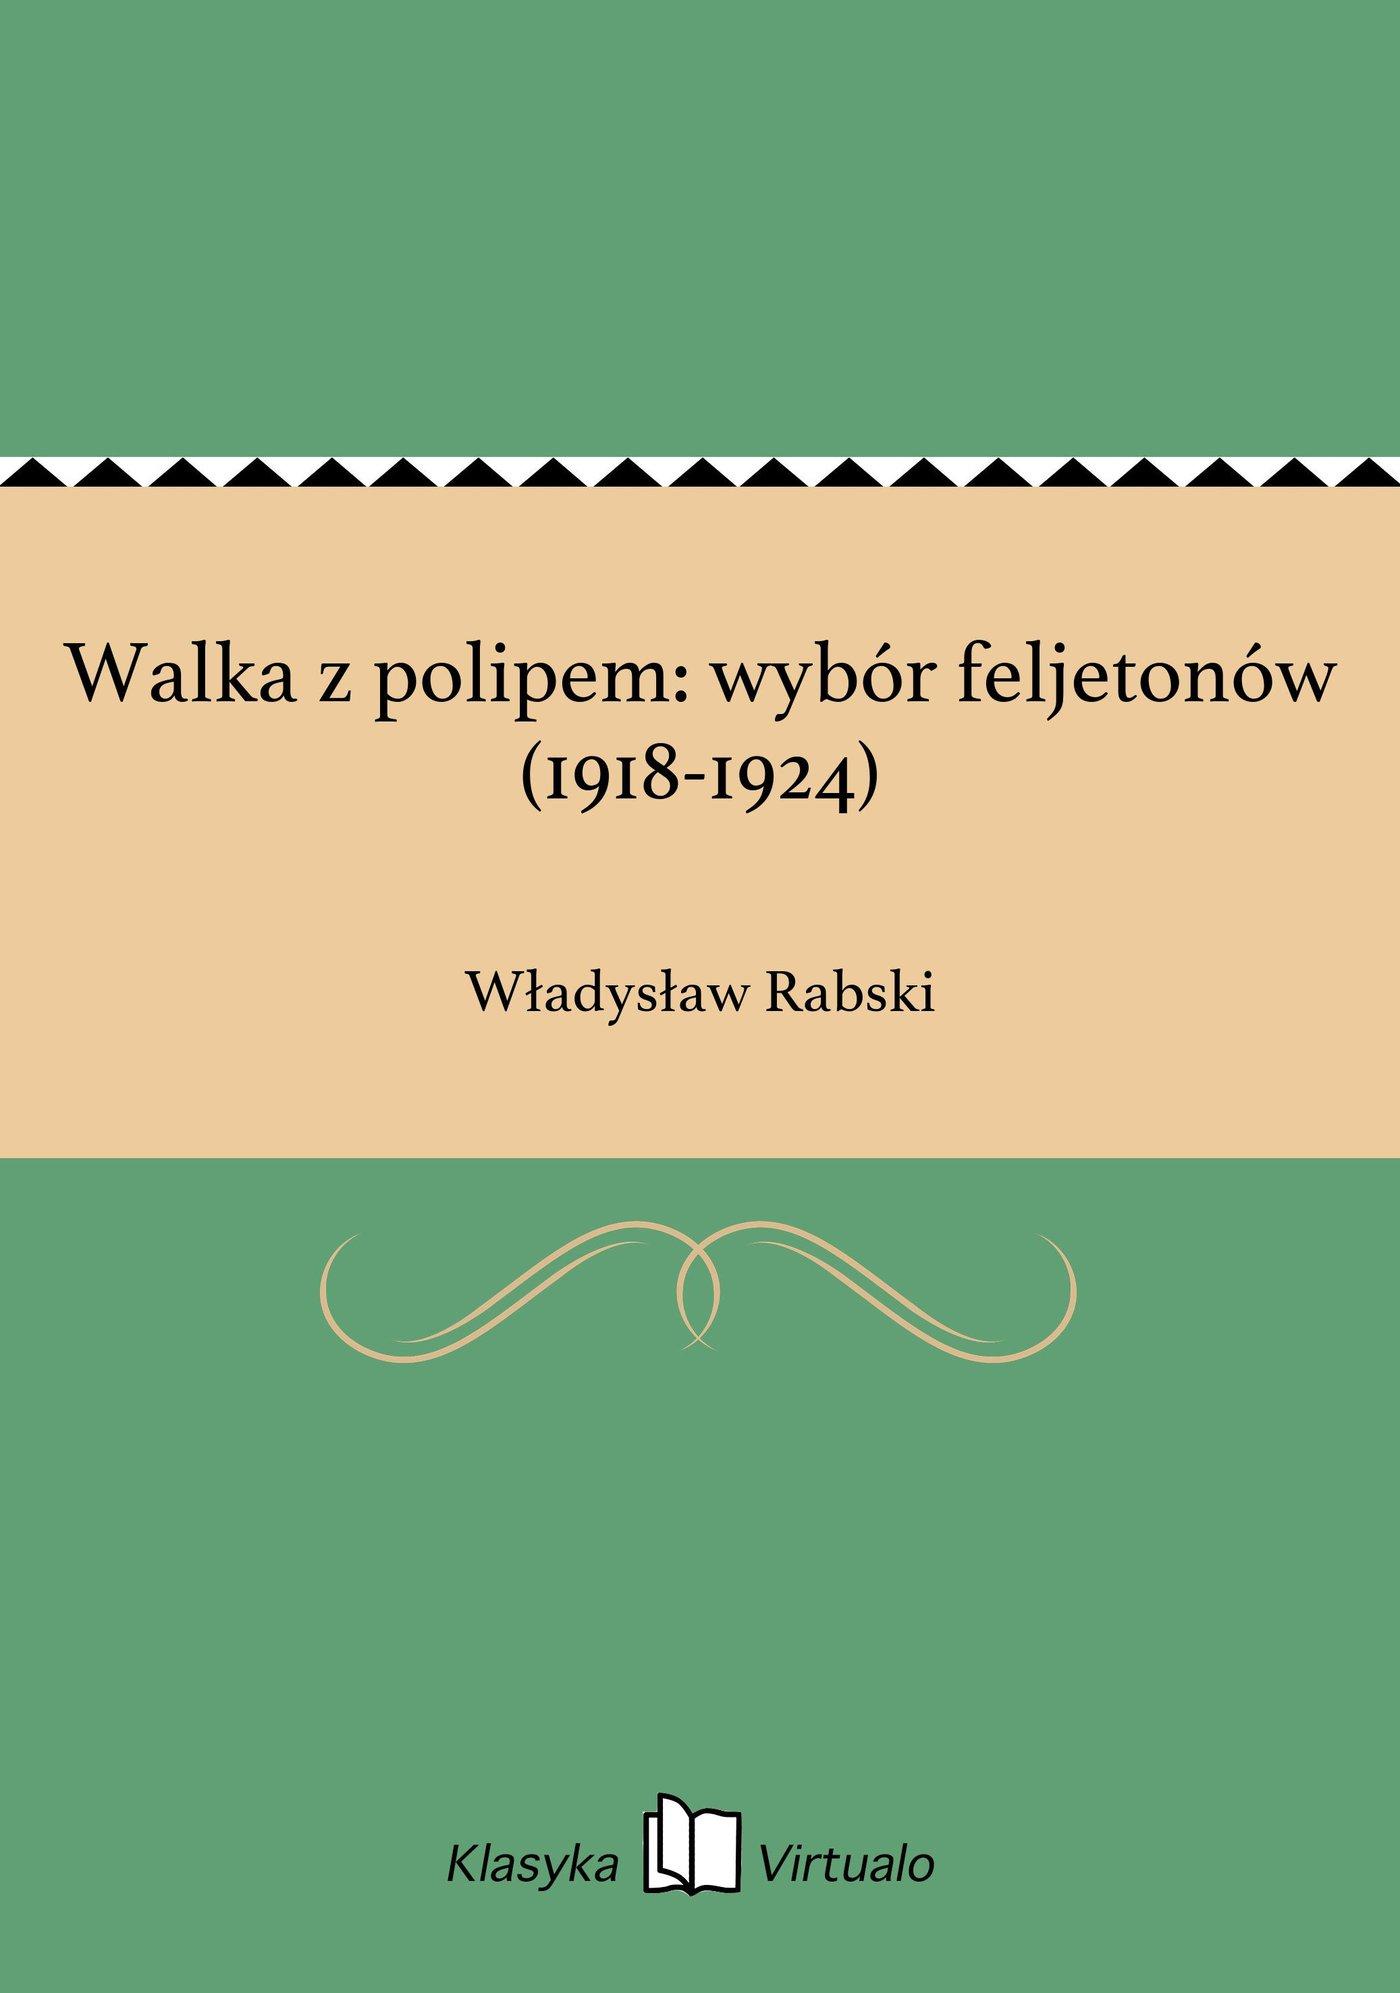 Walka z polipem: wybór feljetonów (1918-1924) - Ebook (Książka na Kindle) do pobrania w formacie MOBI